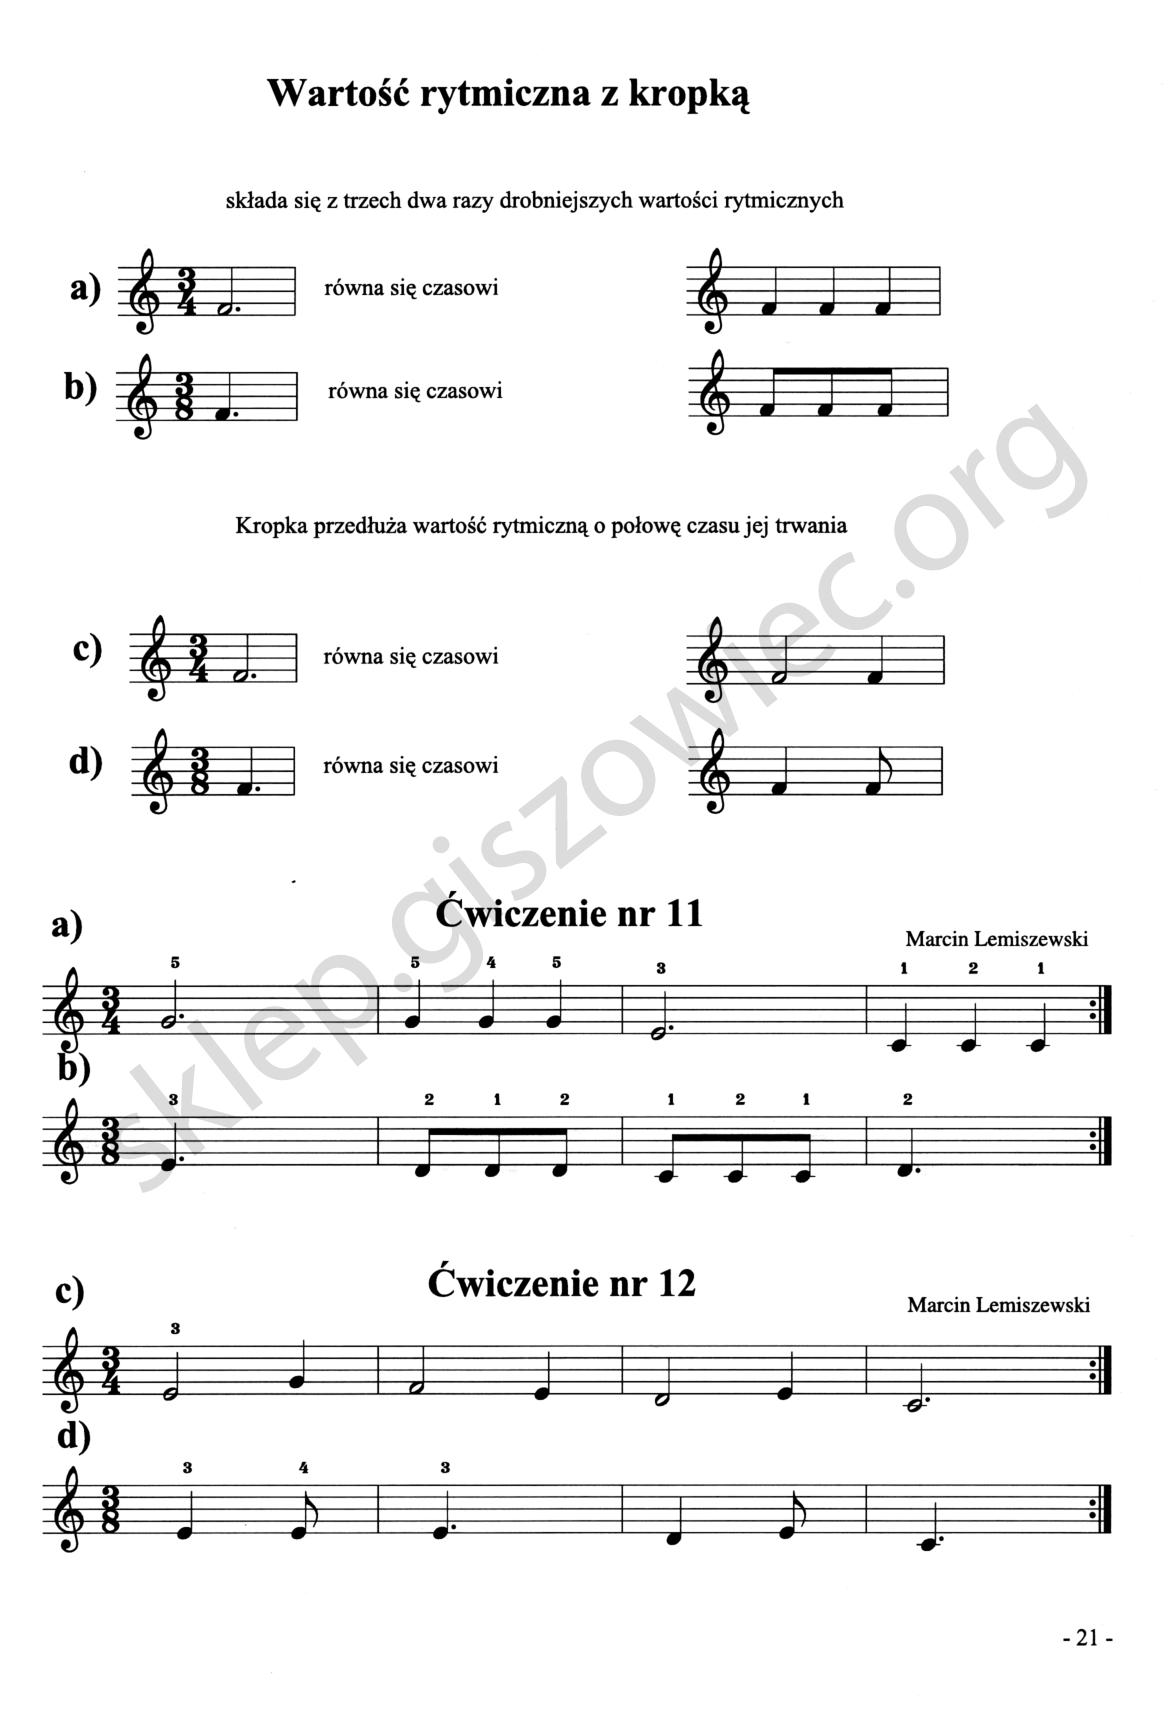 podręcznik do francuskiego dla początkujących pdf